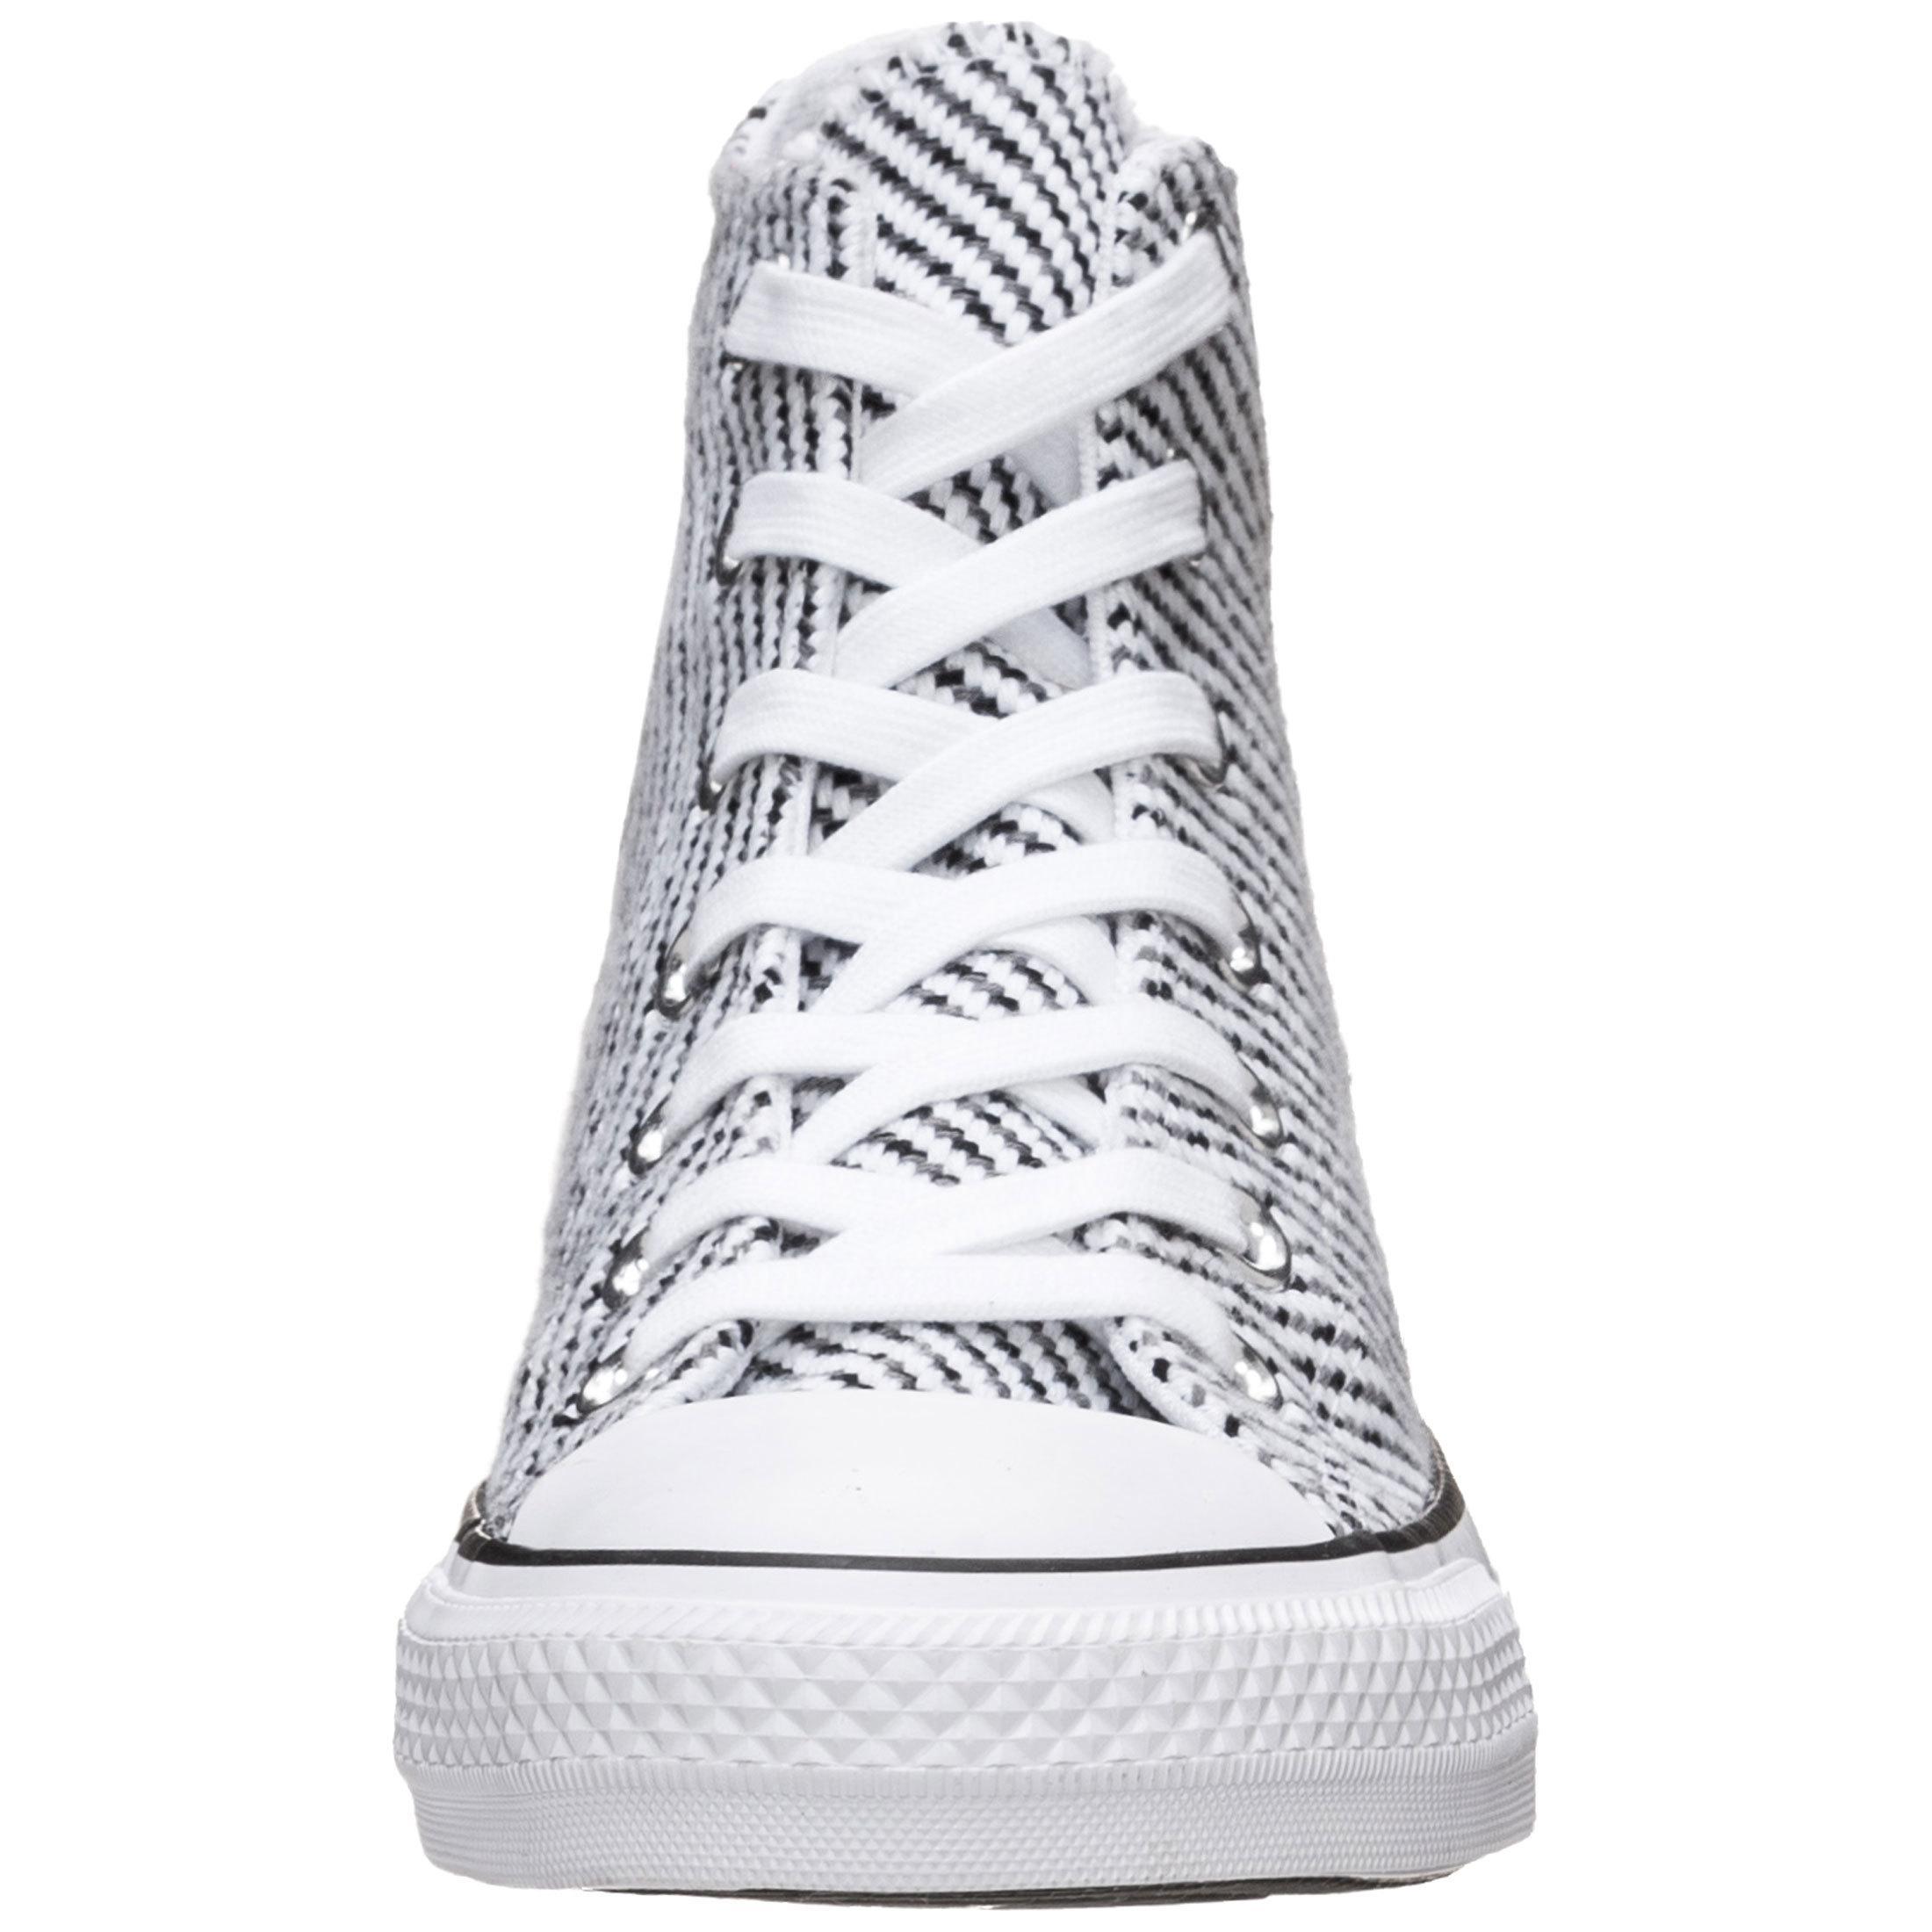 CONVERSE Chuck Taylor Taylor Taylor All Star High Turnschuhe Damen weiß   schwarz im Online Shop von SportScheck kaufen Gute Qualität beliebte Schuhe 3f841e